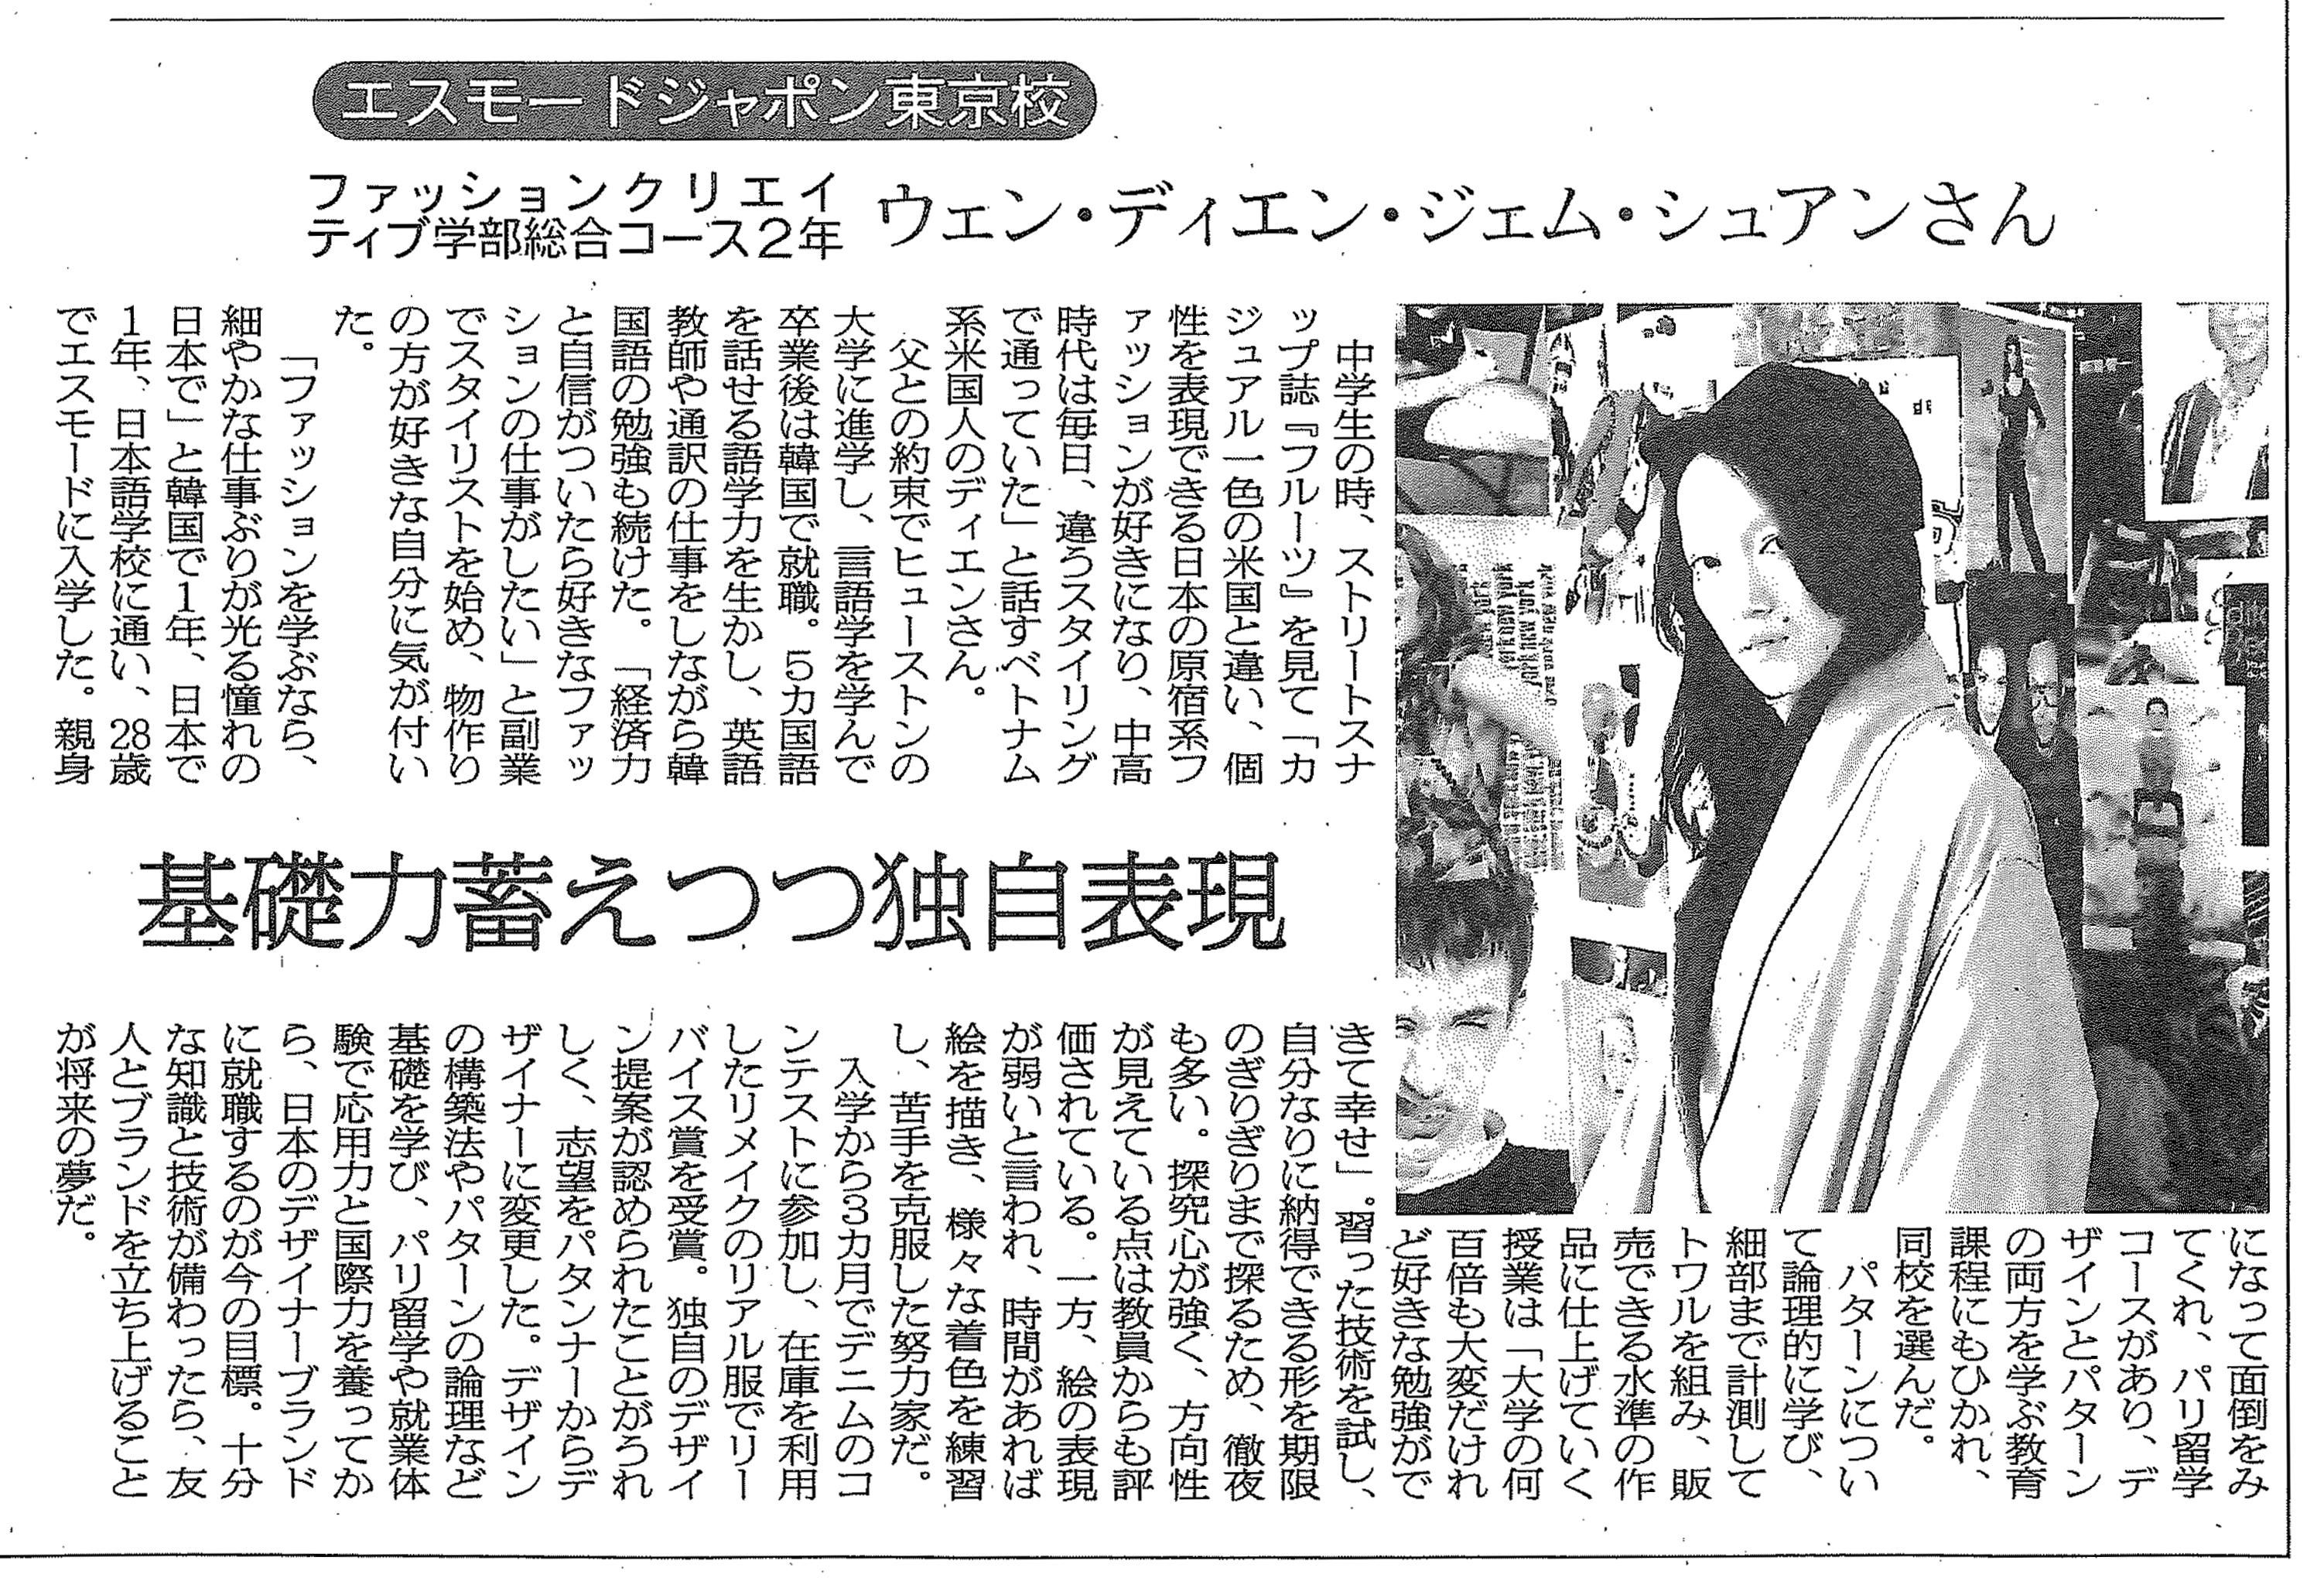 繊研新聞にエスモード東京校ウェン・ディエン・ジェム・シュアンさんが掲載されました!